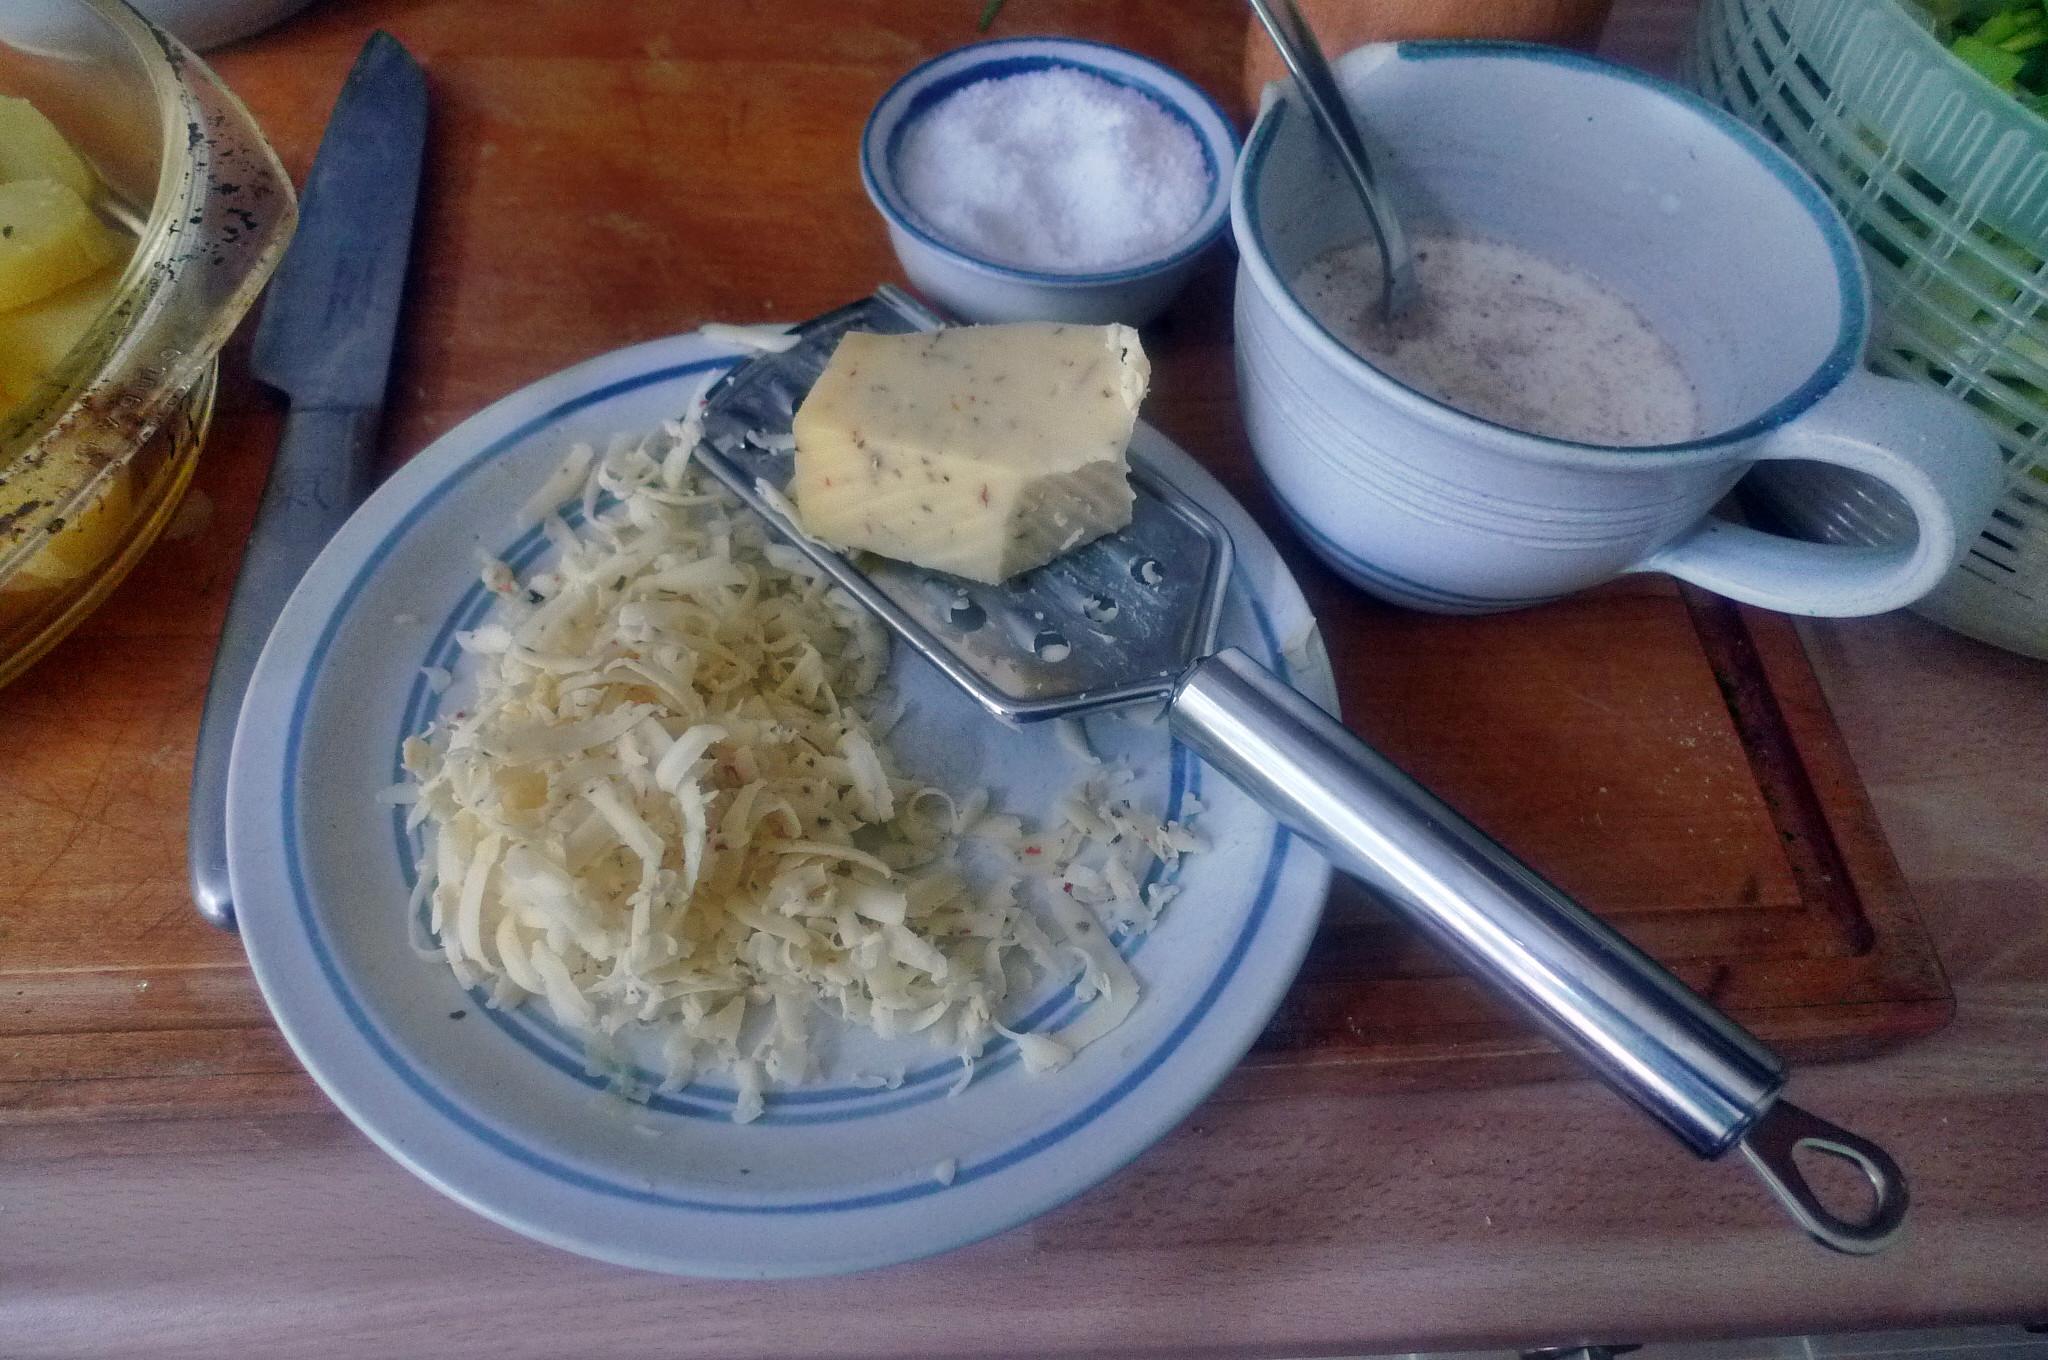 Porree-Kartoffelgratin-Ei-9.9.14   (1c)